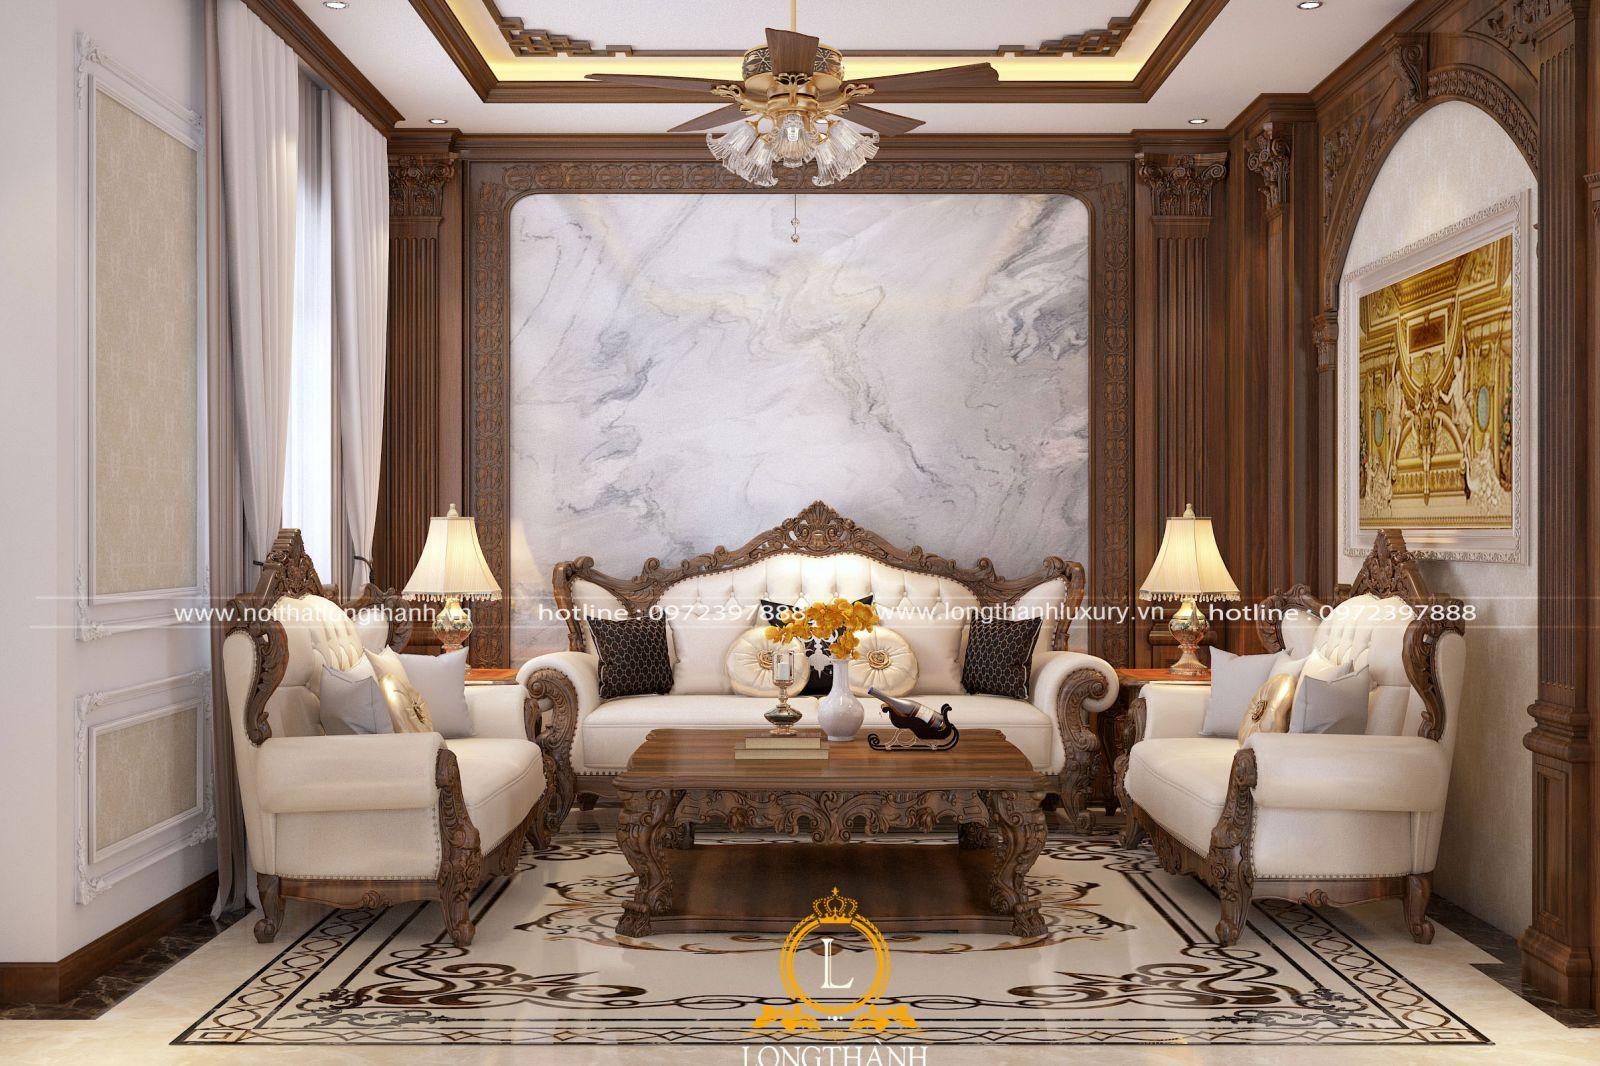 Phong cách nội thất tân cổ điển cho không gian phòng khách nhỏ